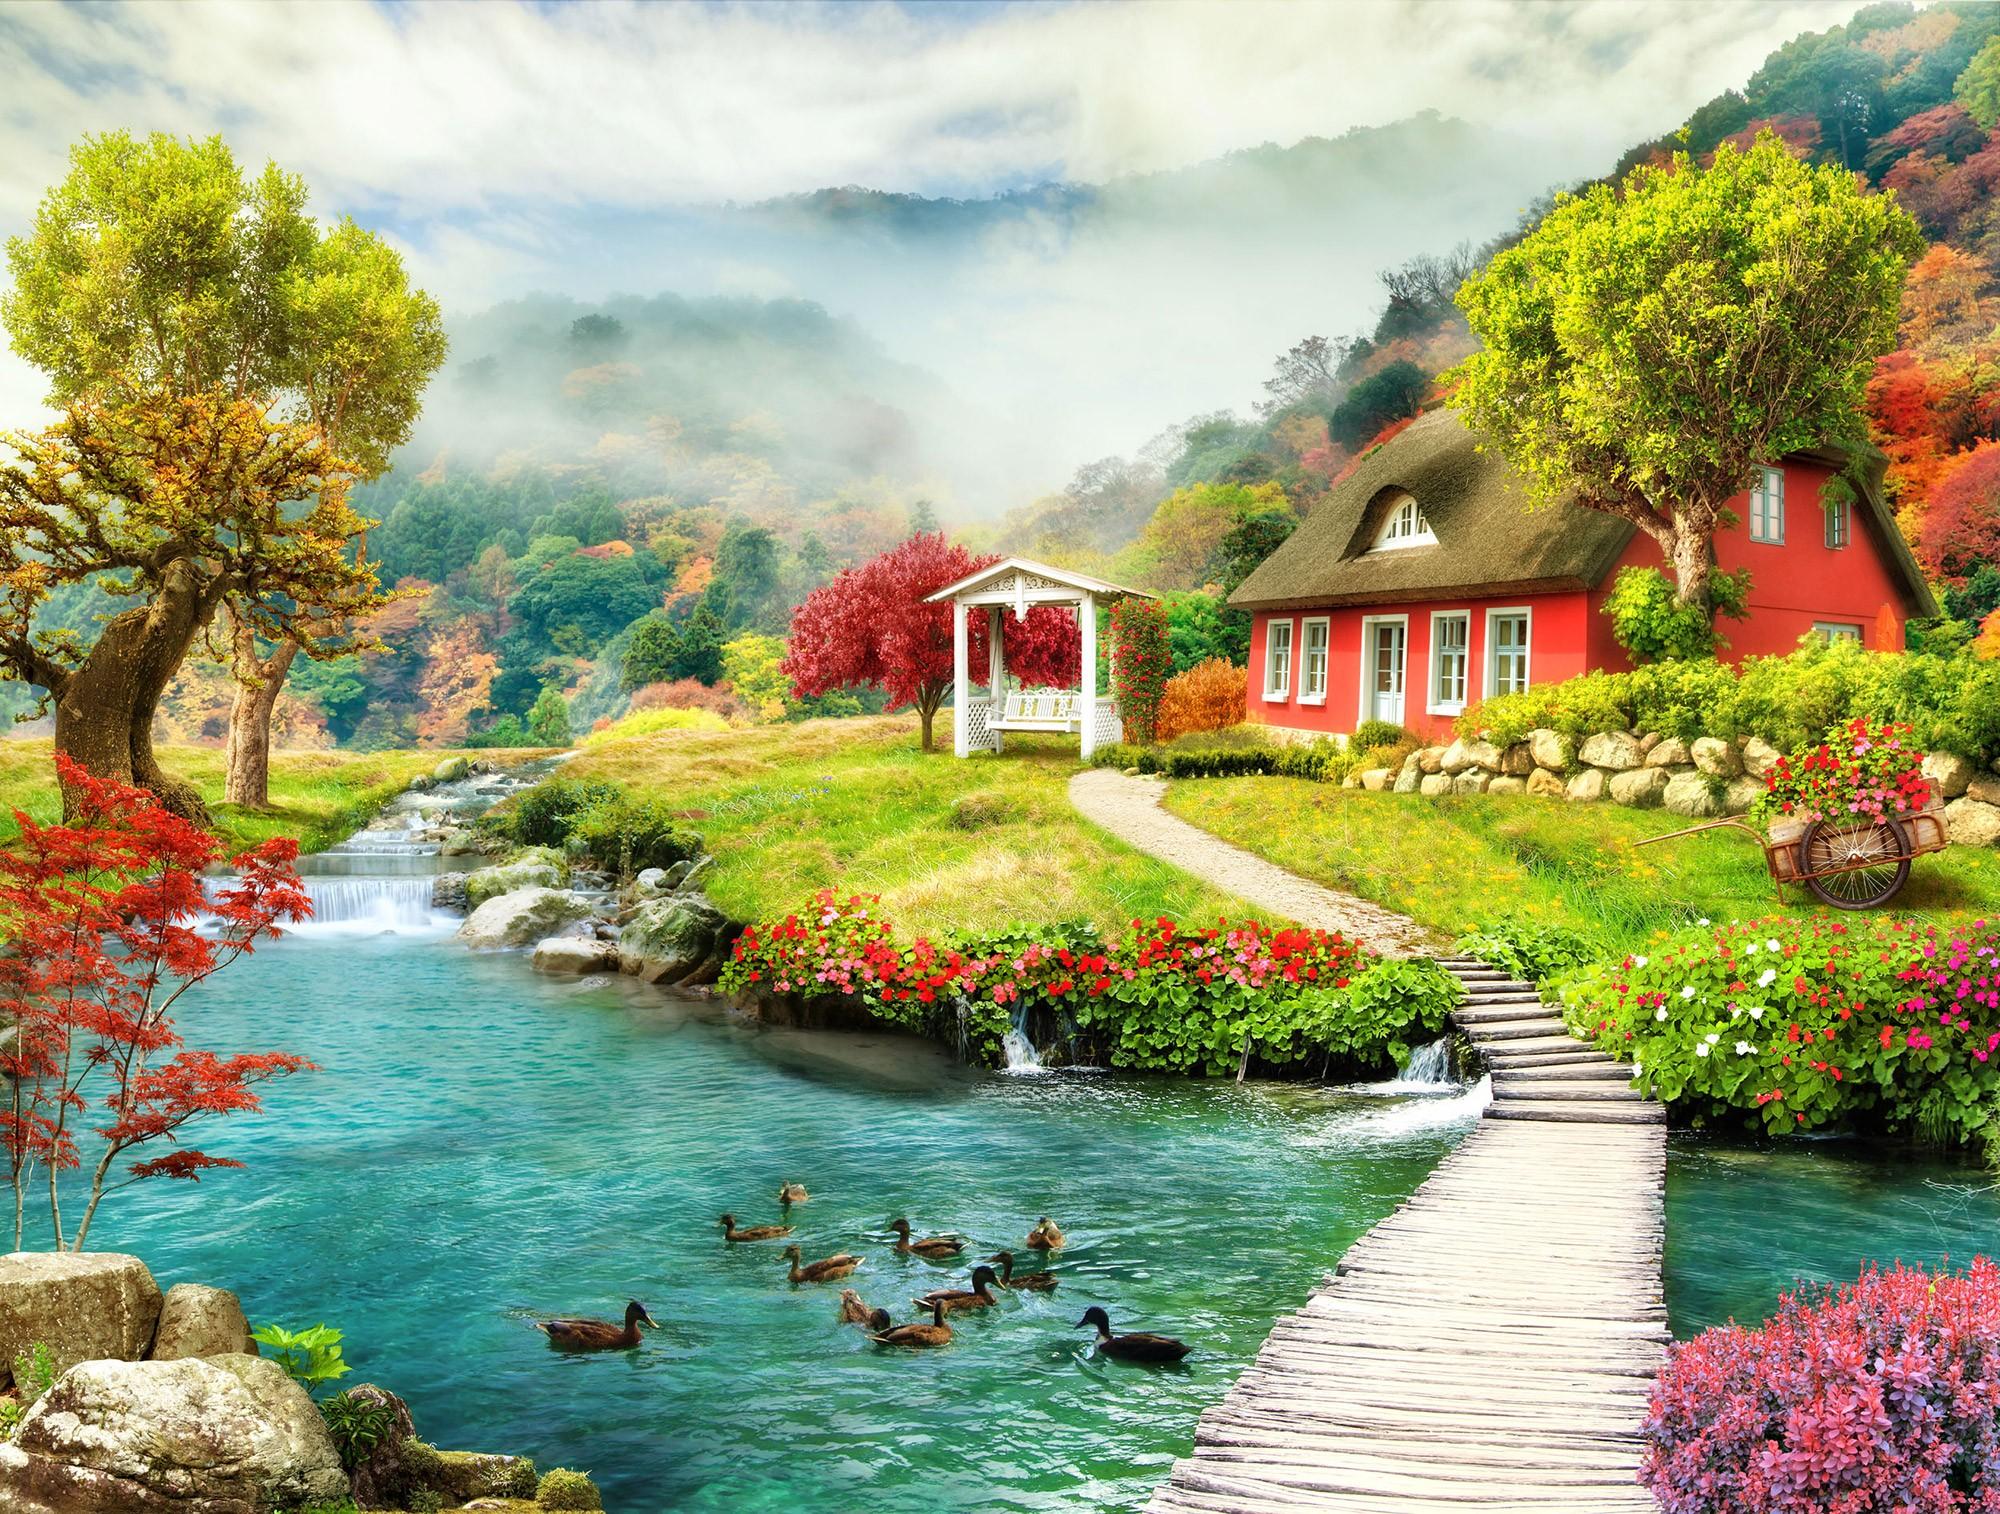 Fototapeten: Ferienhaus am Fluss